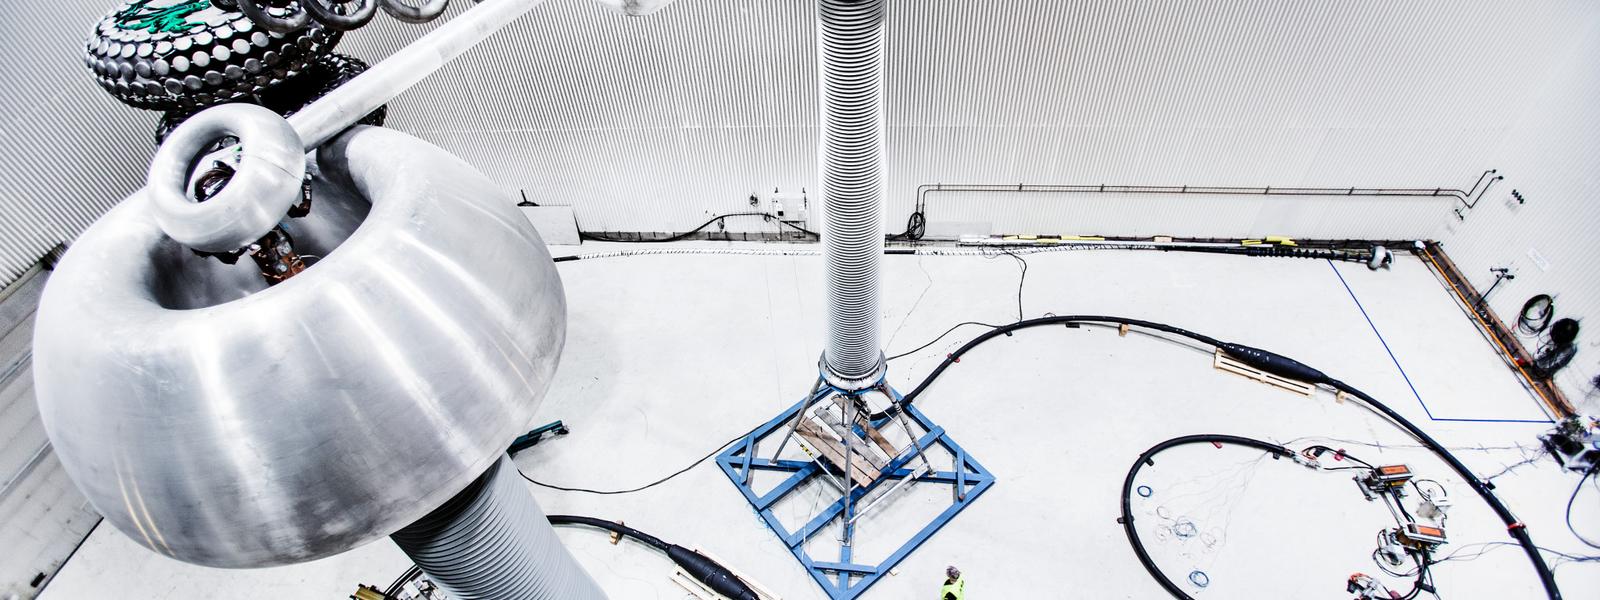 Karlskrona Test Chamber